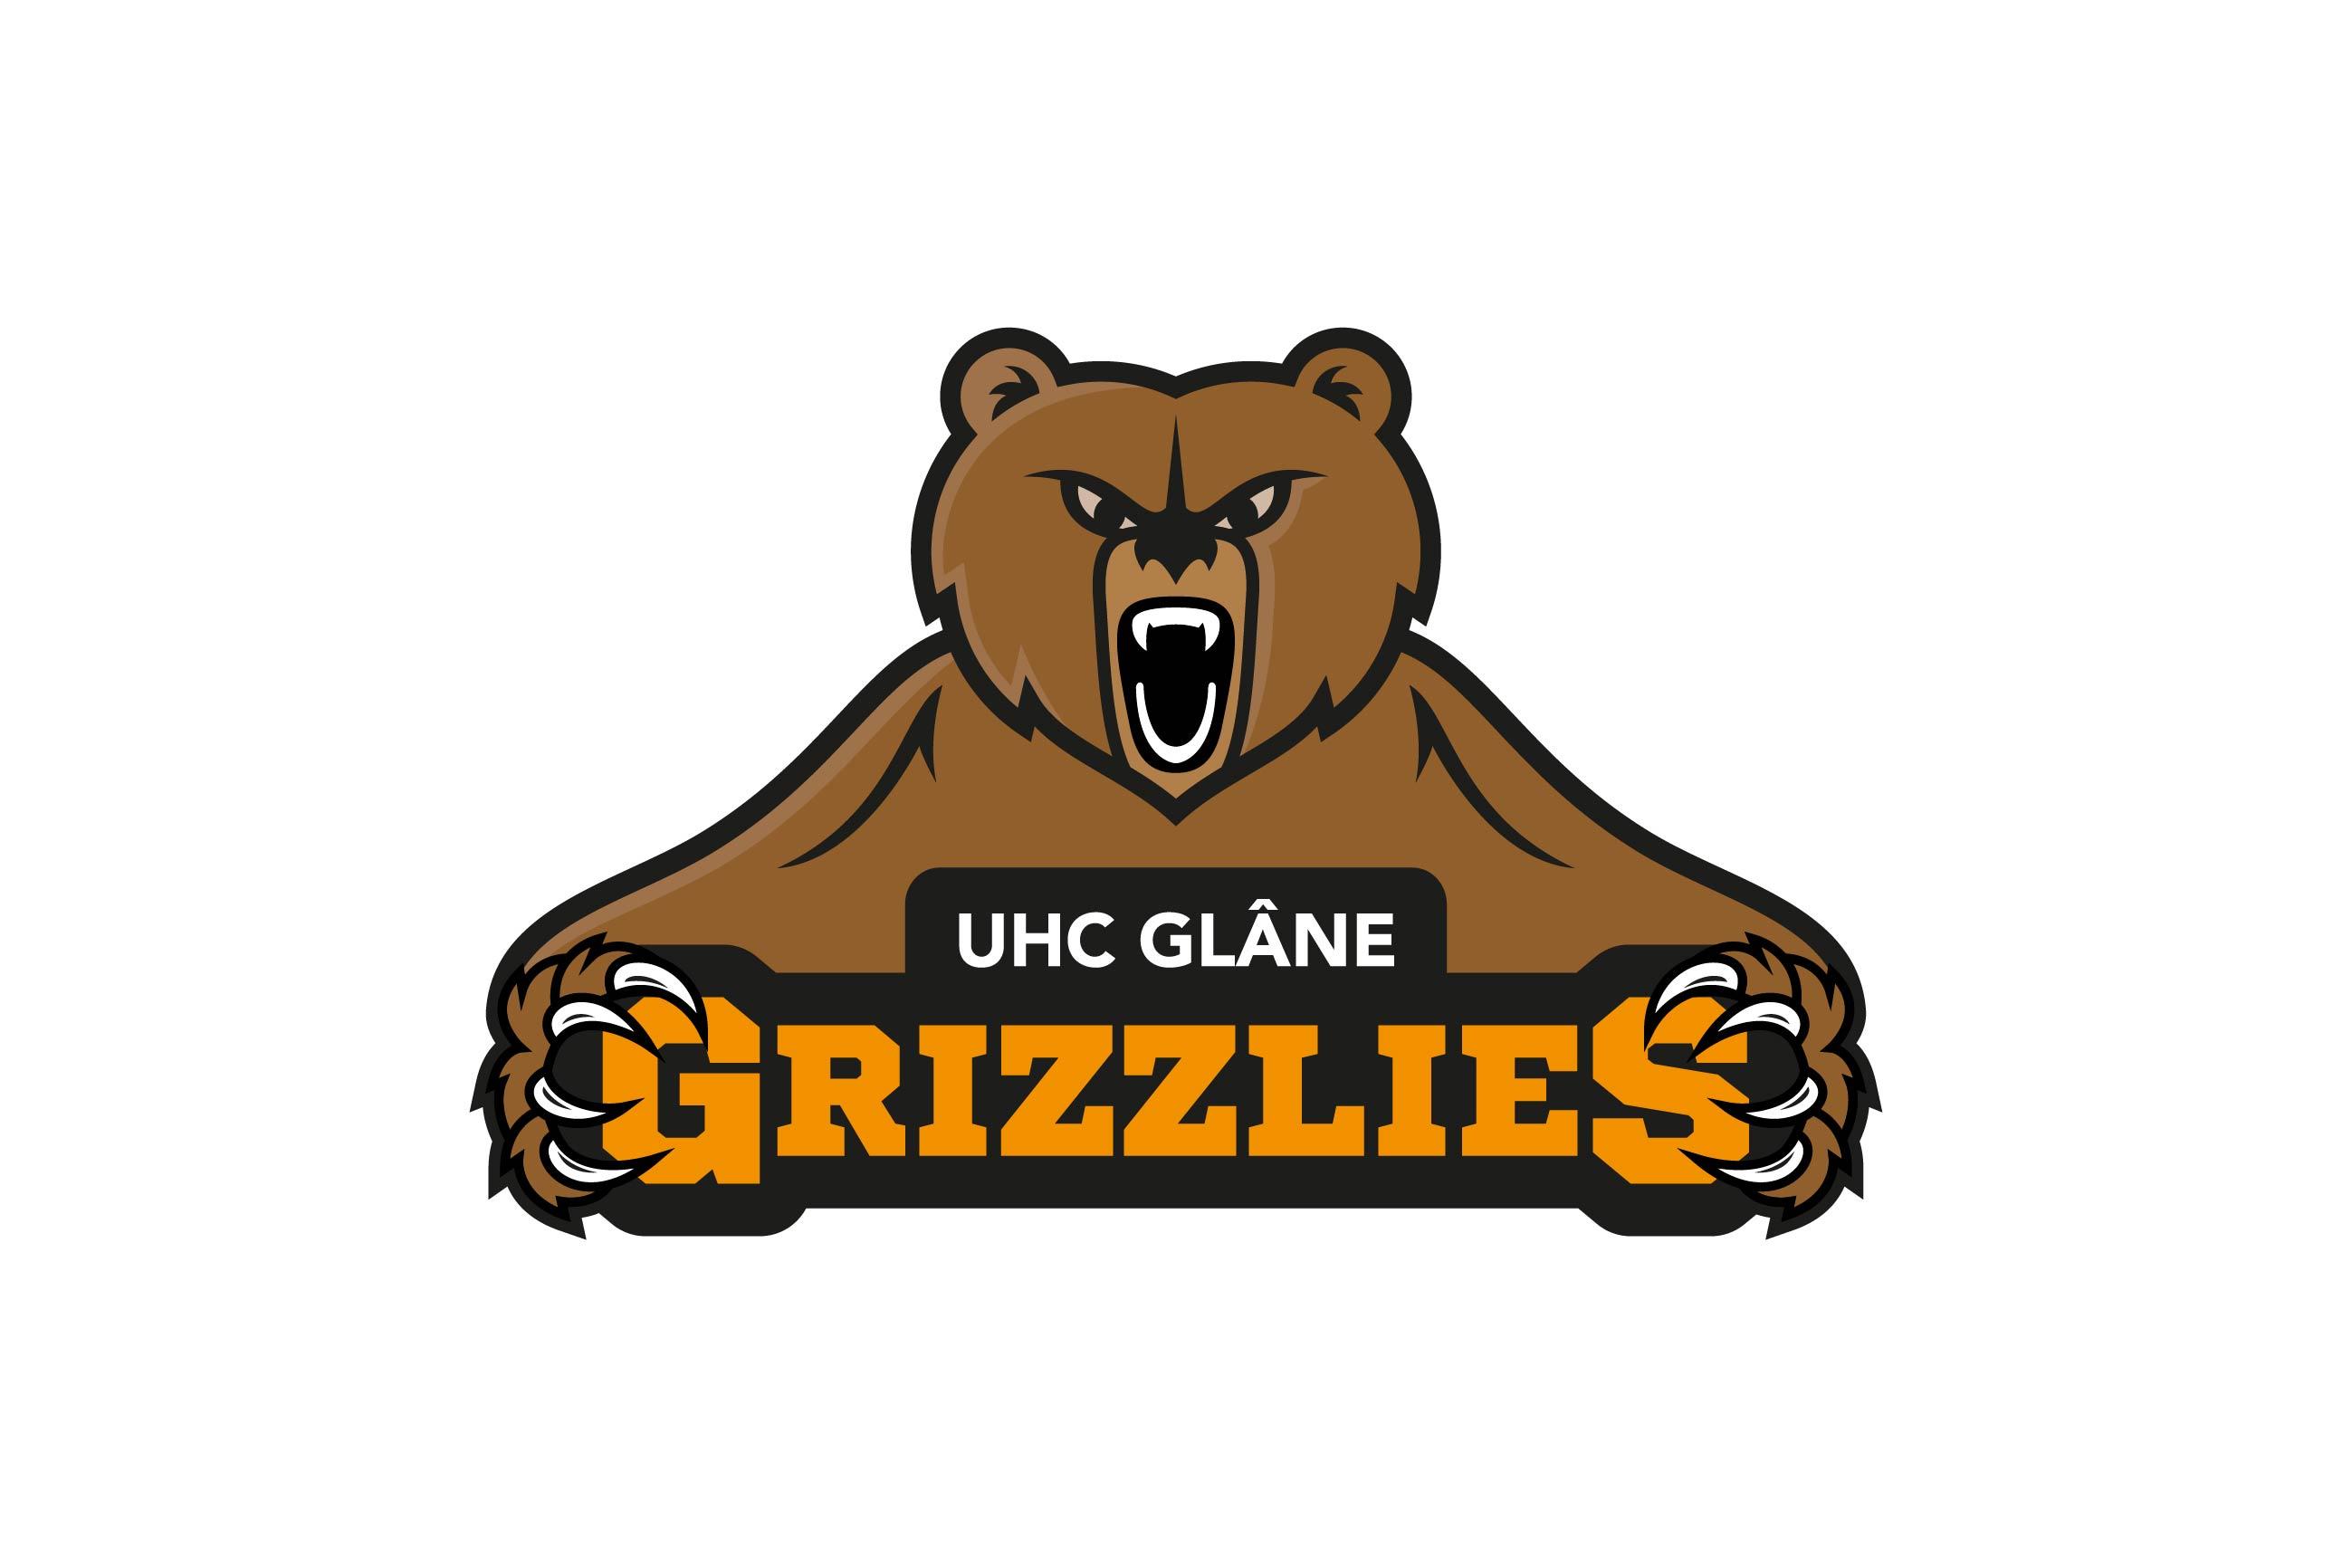 UHC Glâne Grizzlies